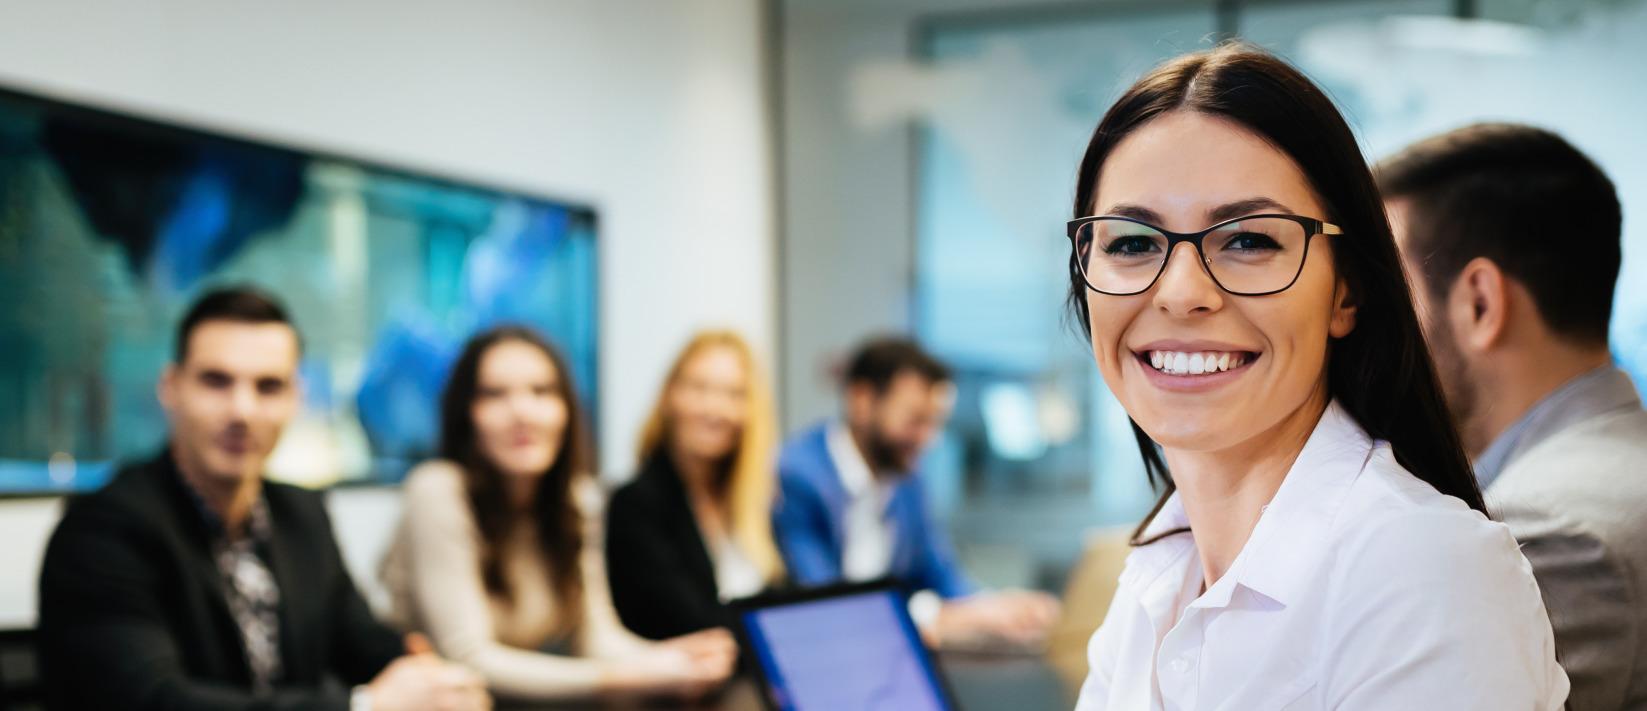 Учиться и зарабатывать: что такое дуальное образование в Польше - UniverPL